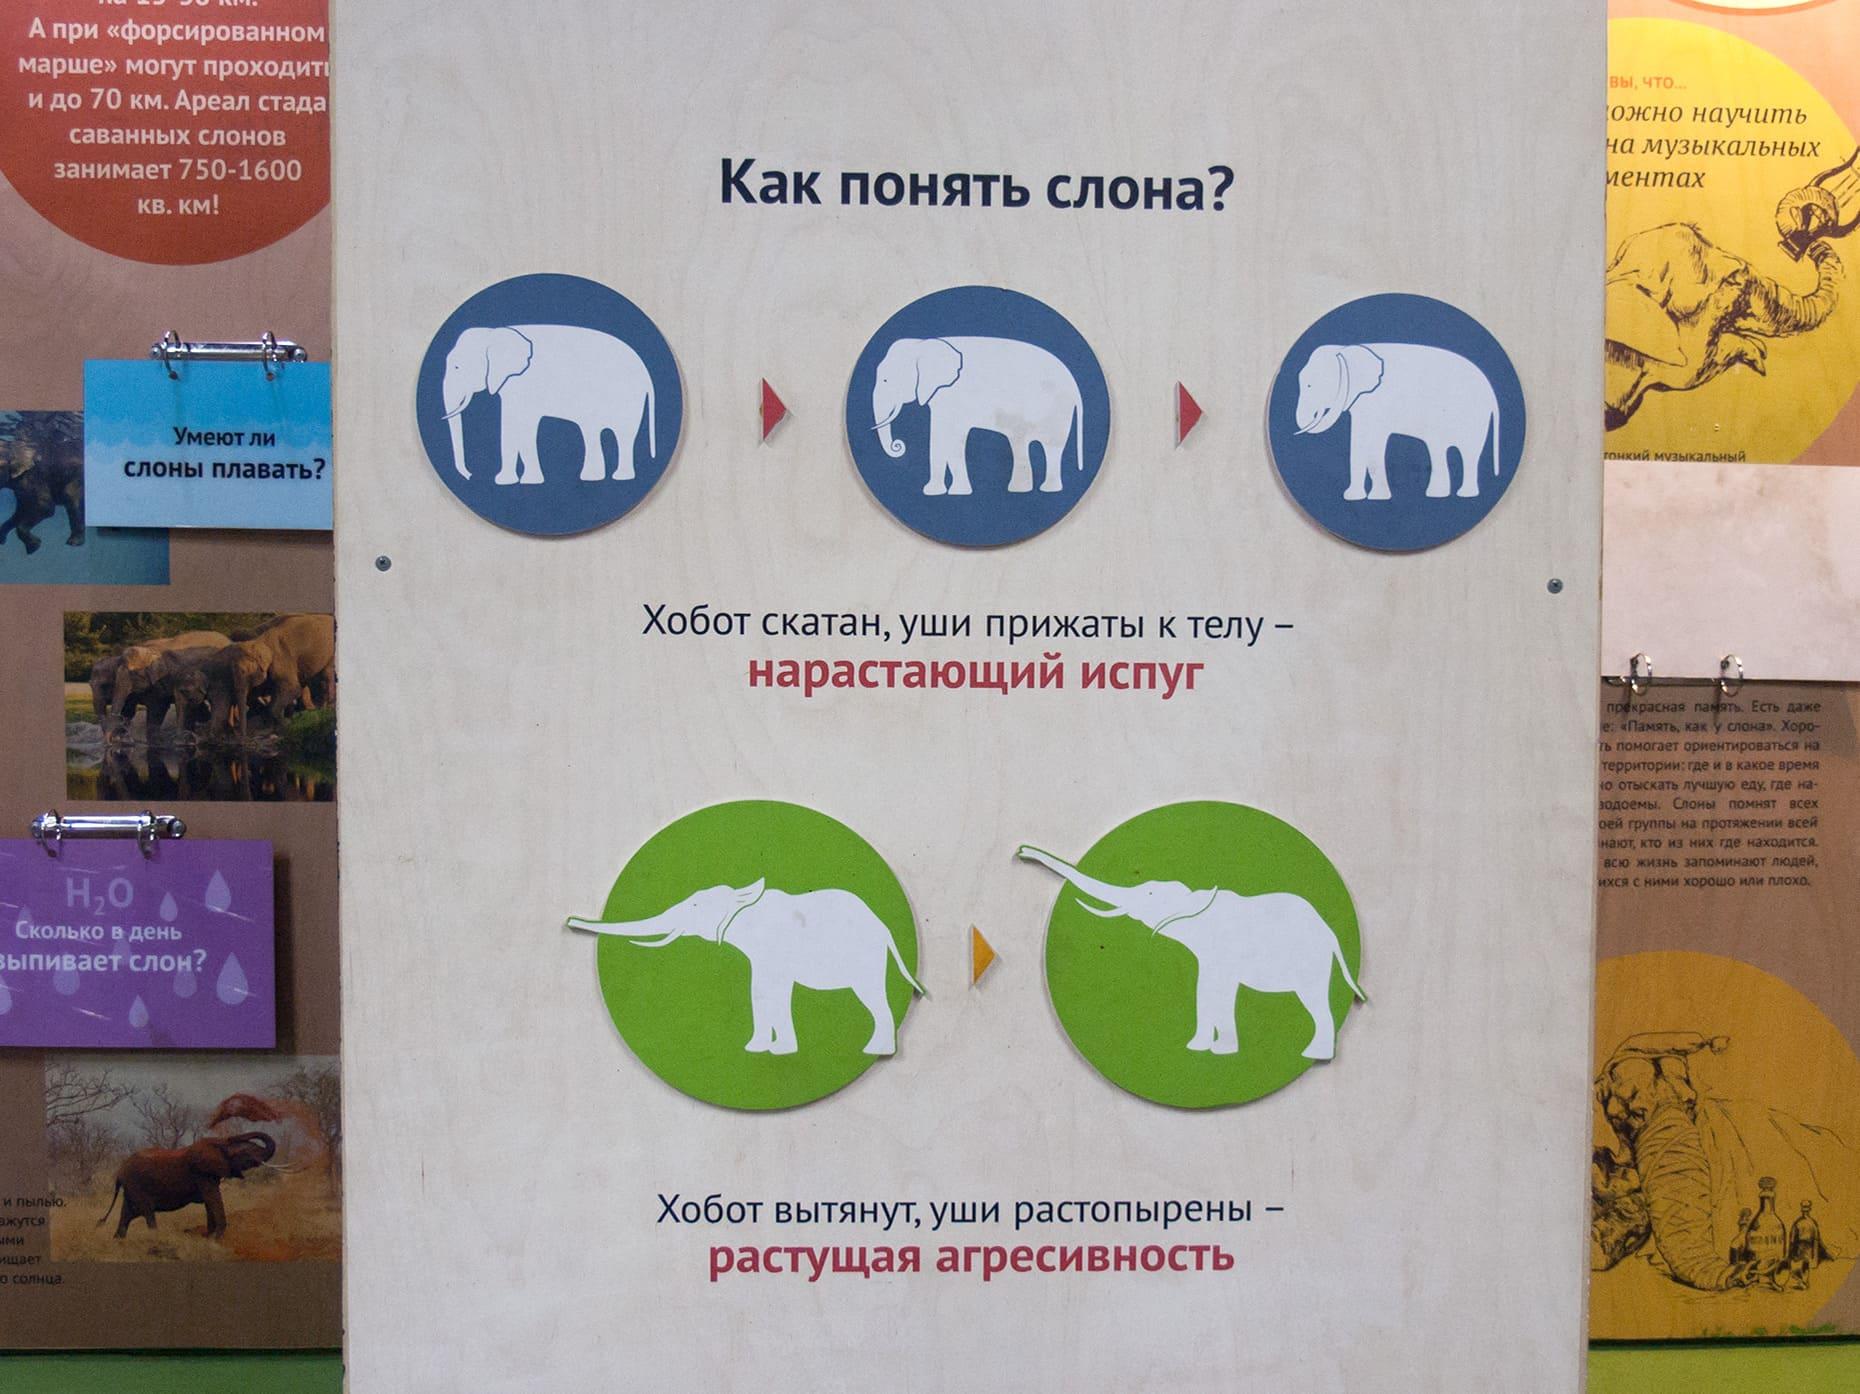 Как понять слона